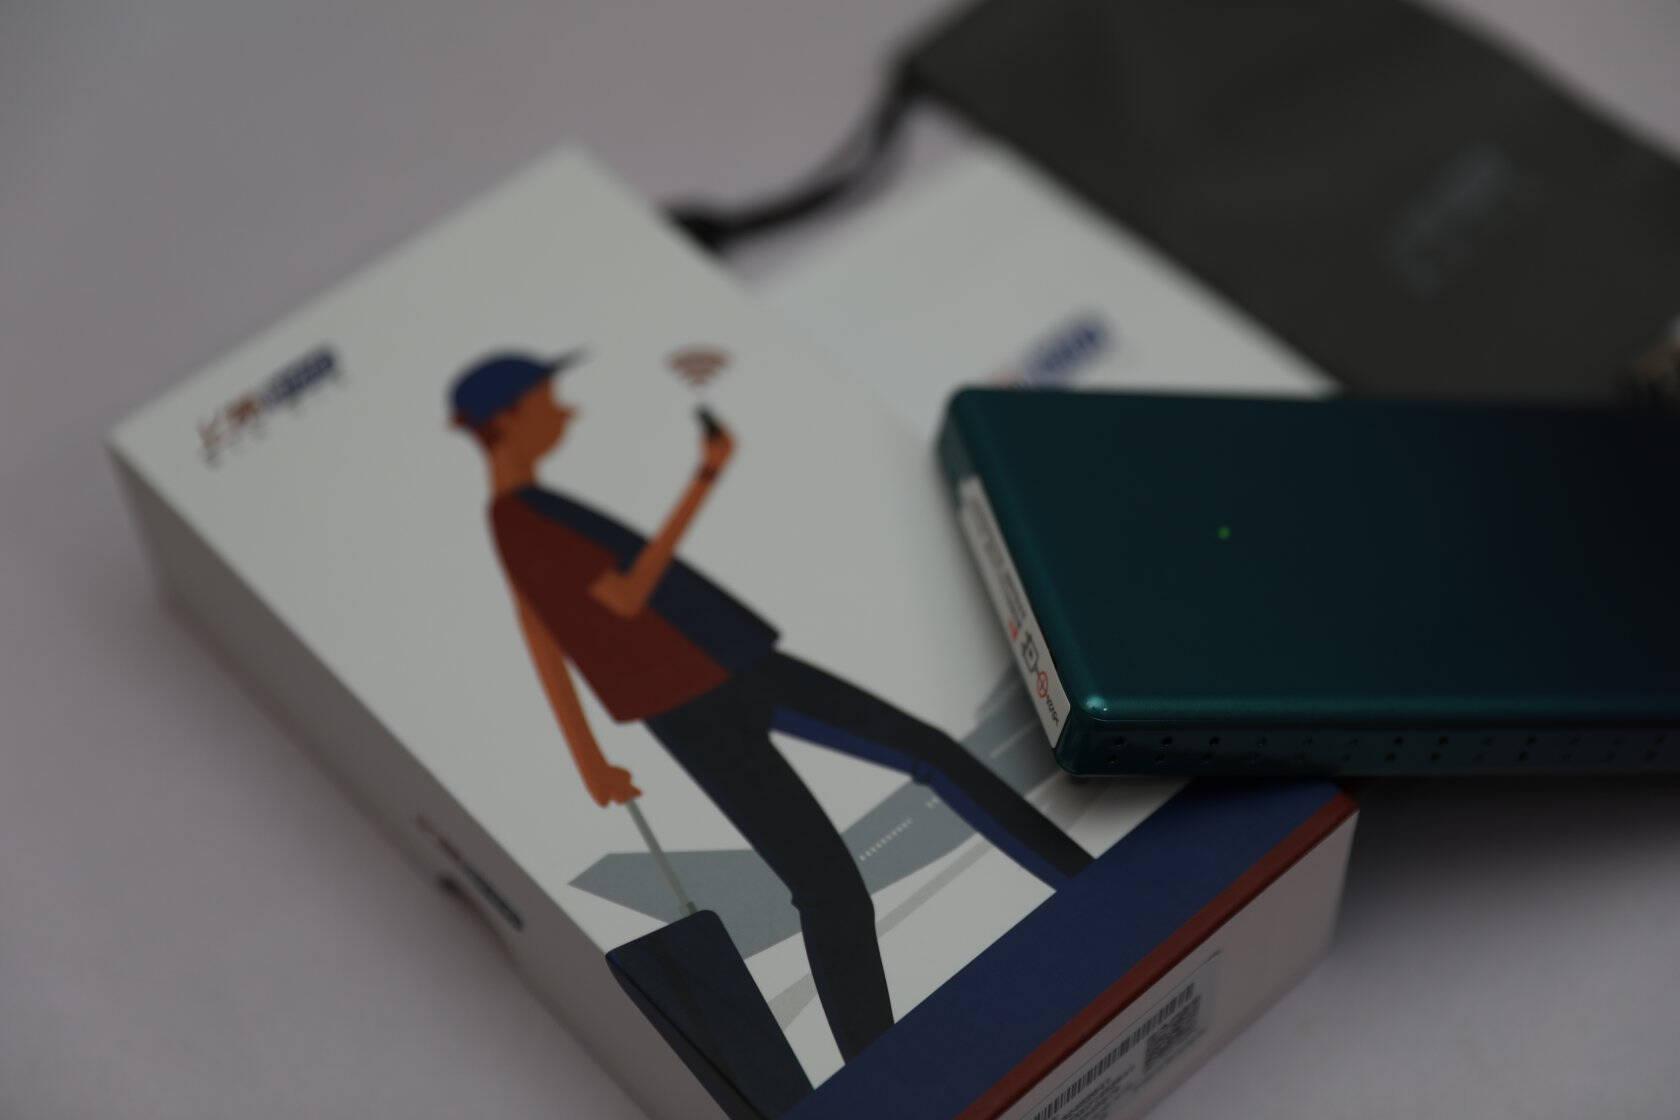 上赞S2max随身wifi无限免插卡10000mAh充电宝无线网卡mifi移动车载wifi上网卡移动联通电信三网通用流量